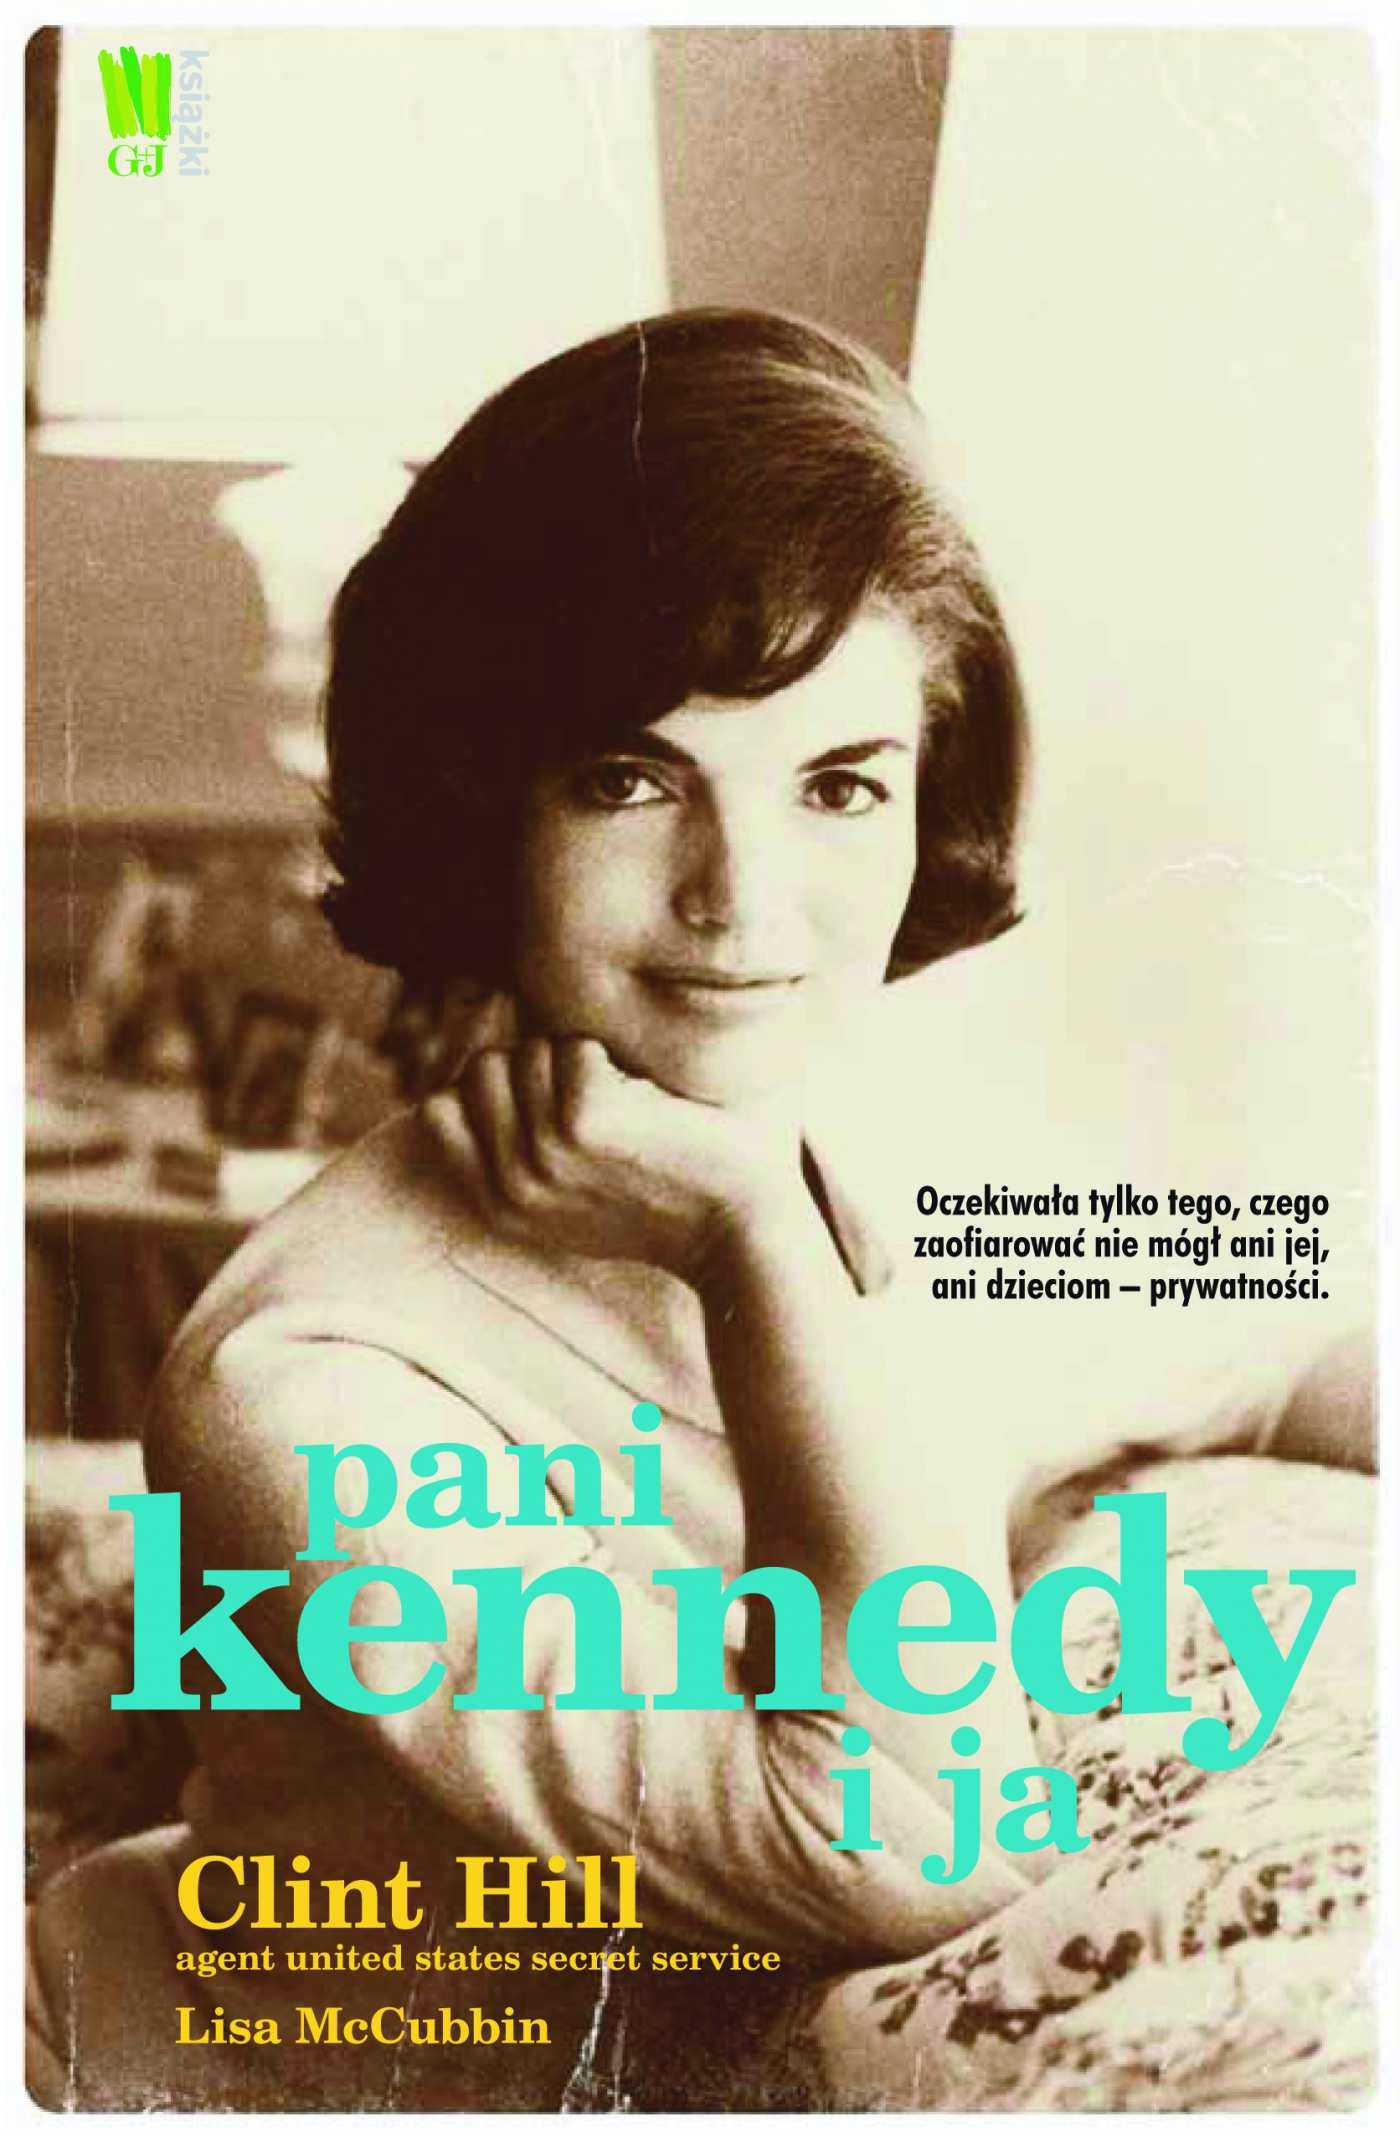 Pani Kennedy i ja - Ebook (Książka EPUB) do pobrania w formacie EPUB